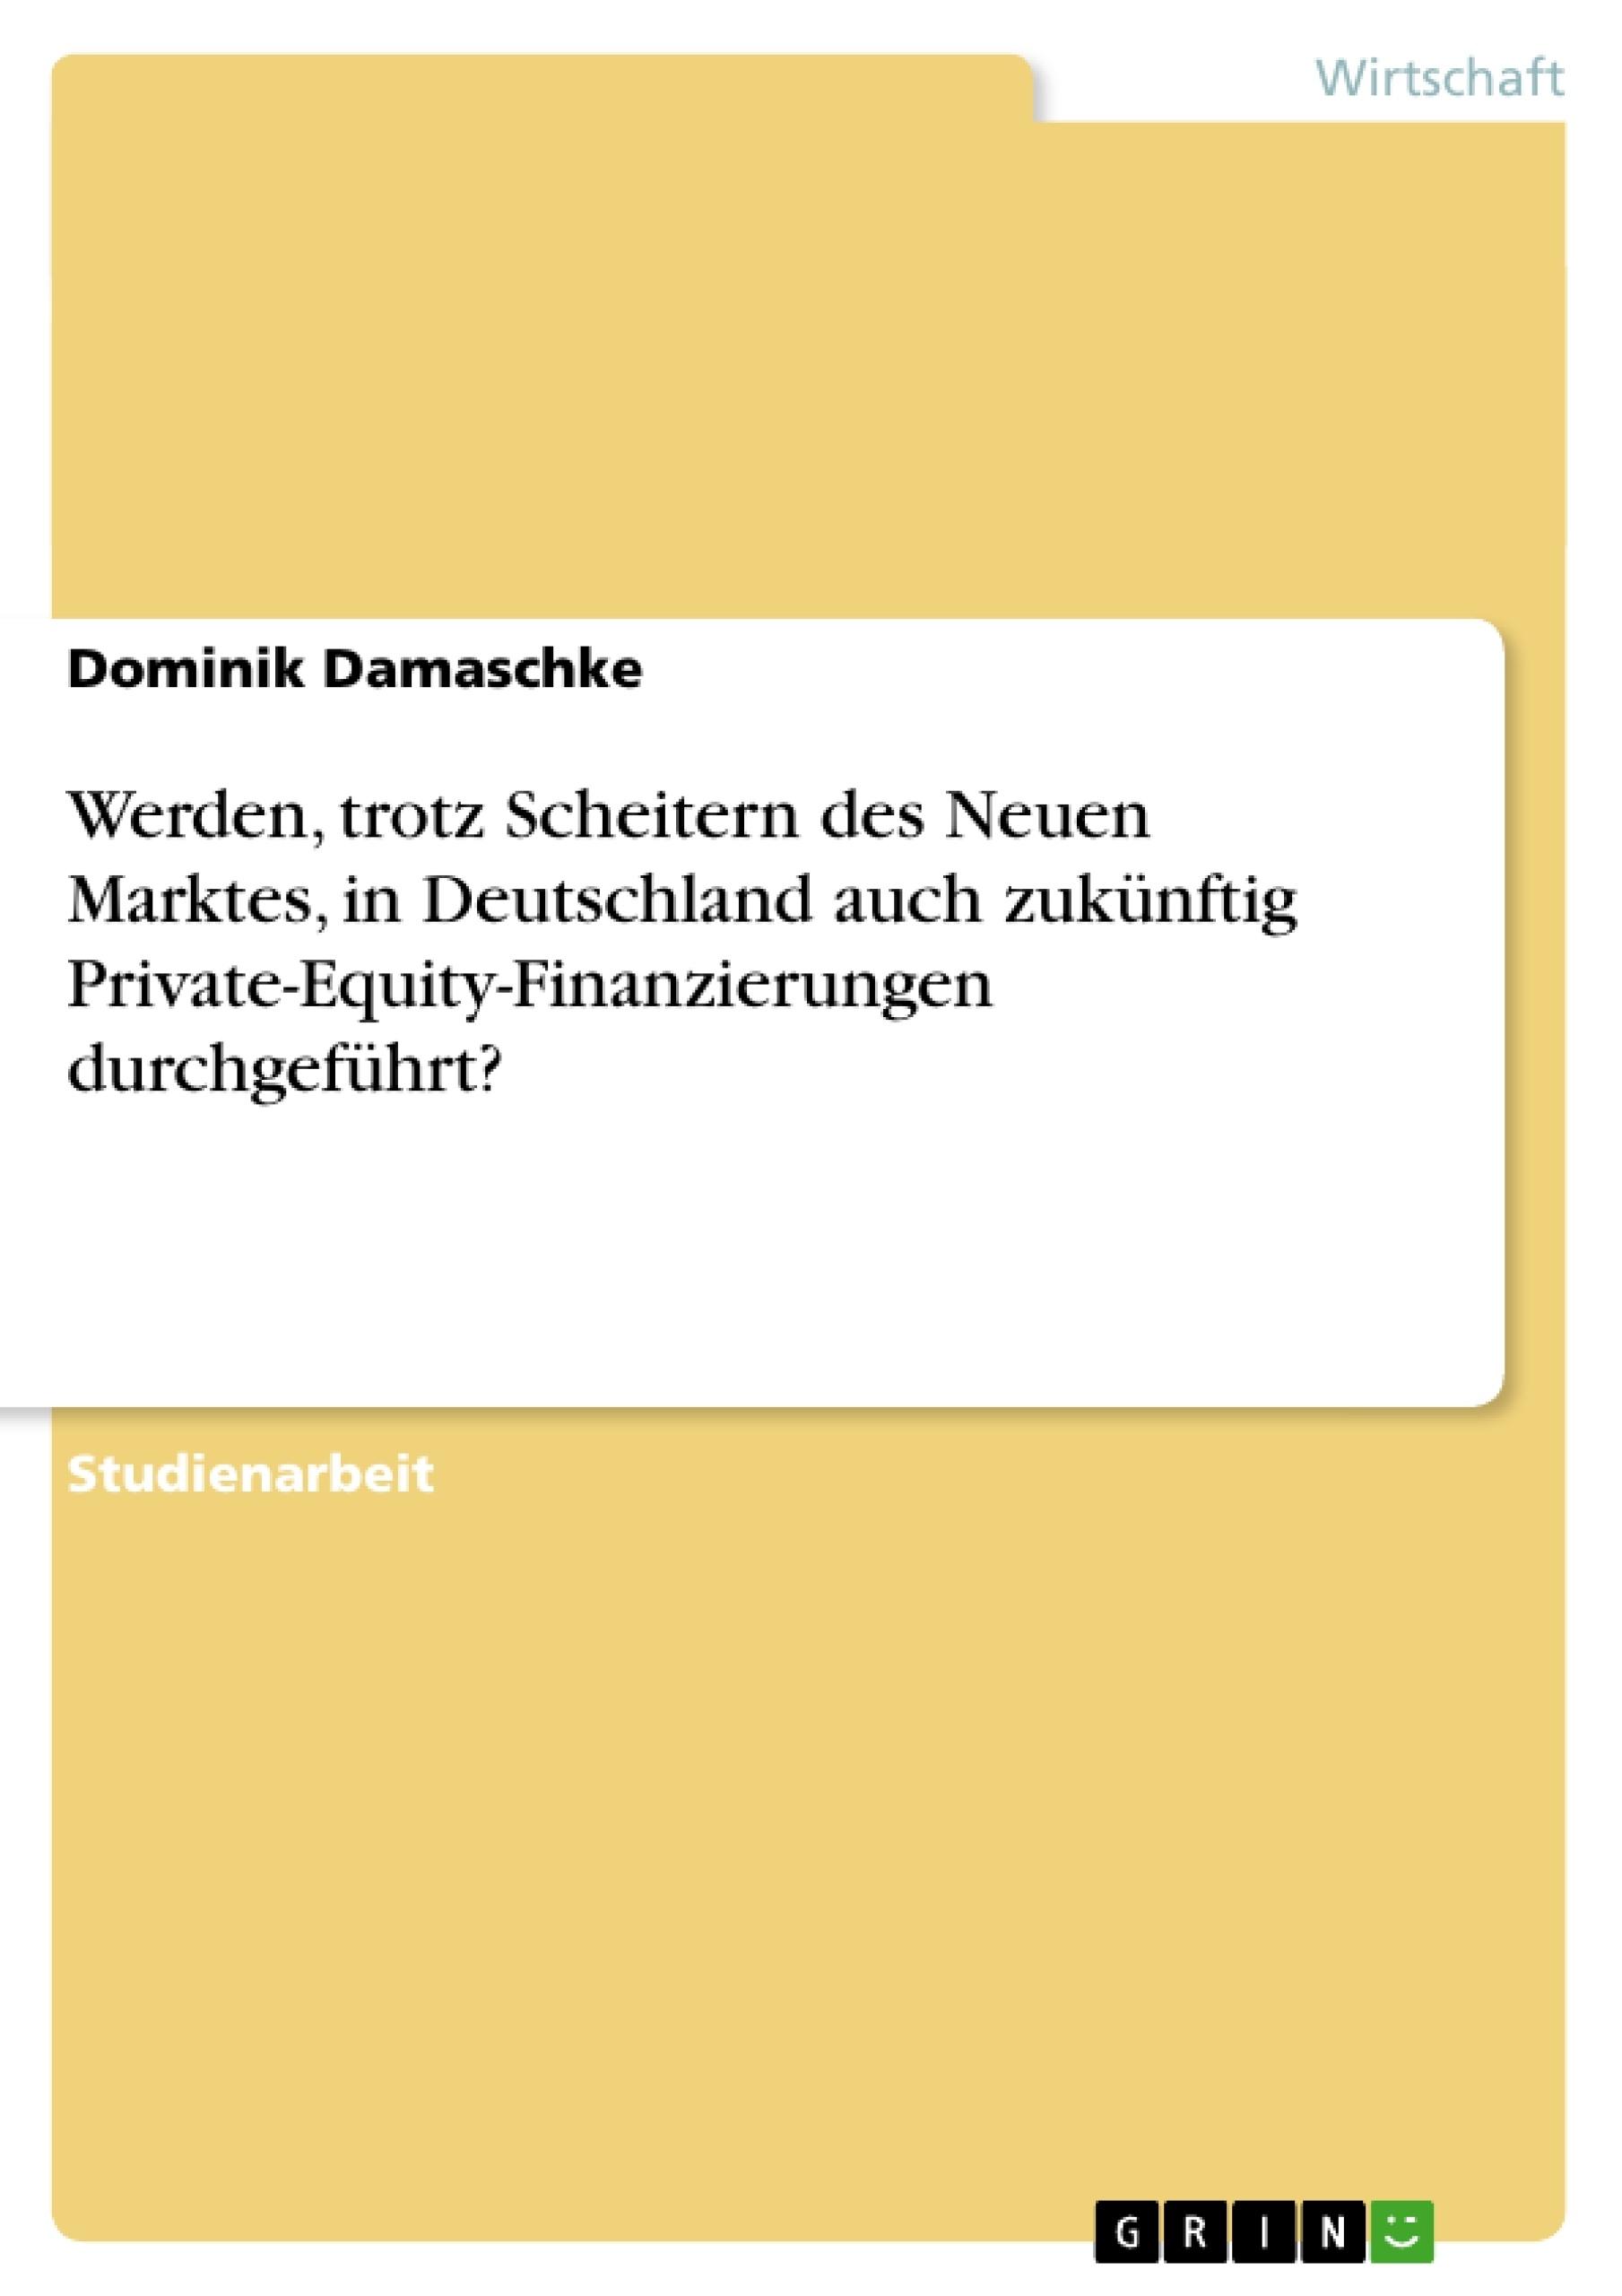 Titel: Werden, trotz Scheitern des Neuen Marktes, in Deutschland auch zukünftig Private-Equity-Finanzierungen durchgeführt?